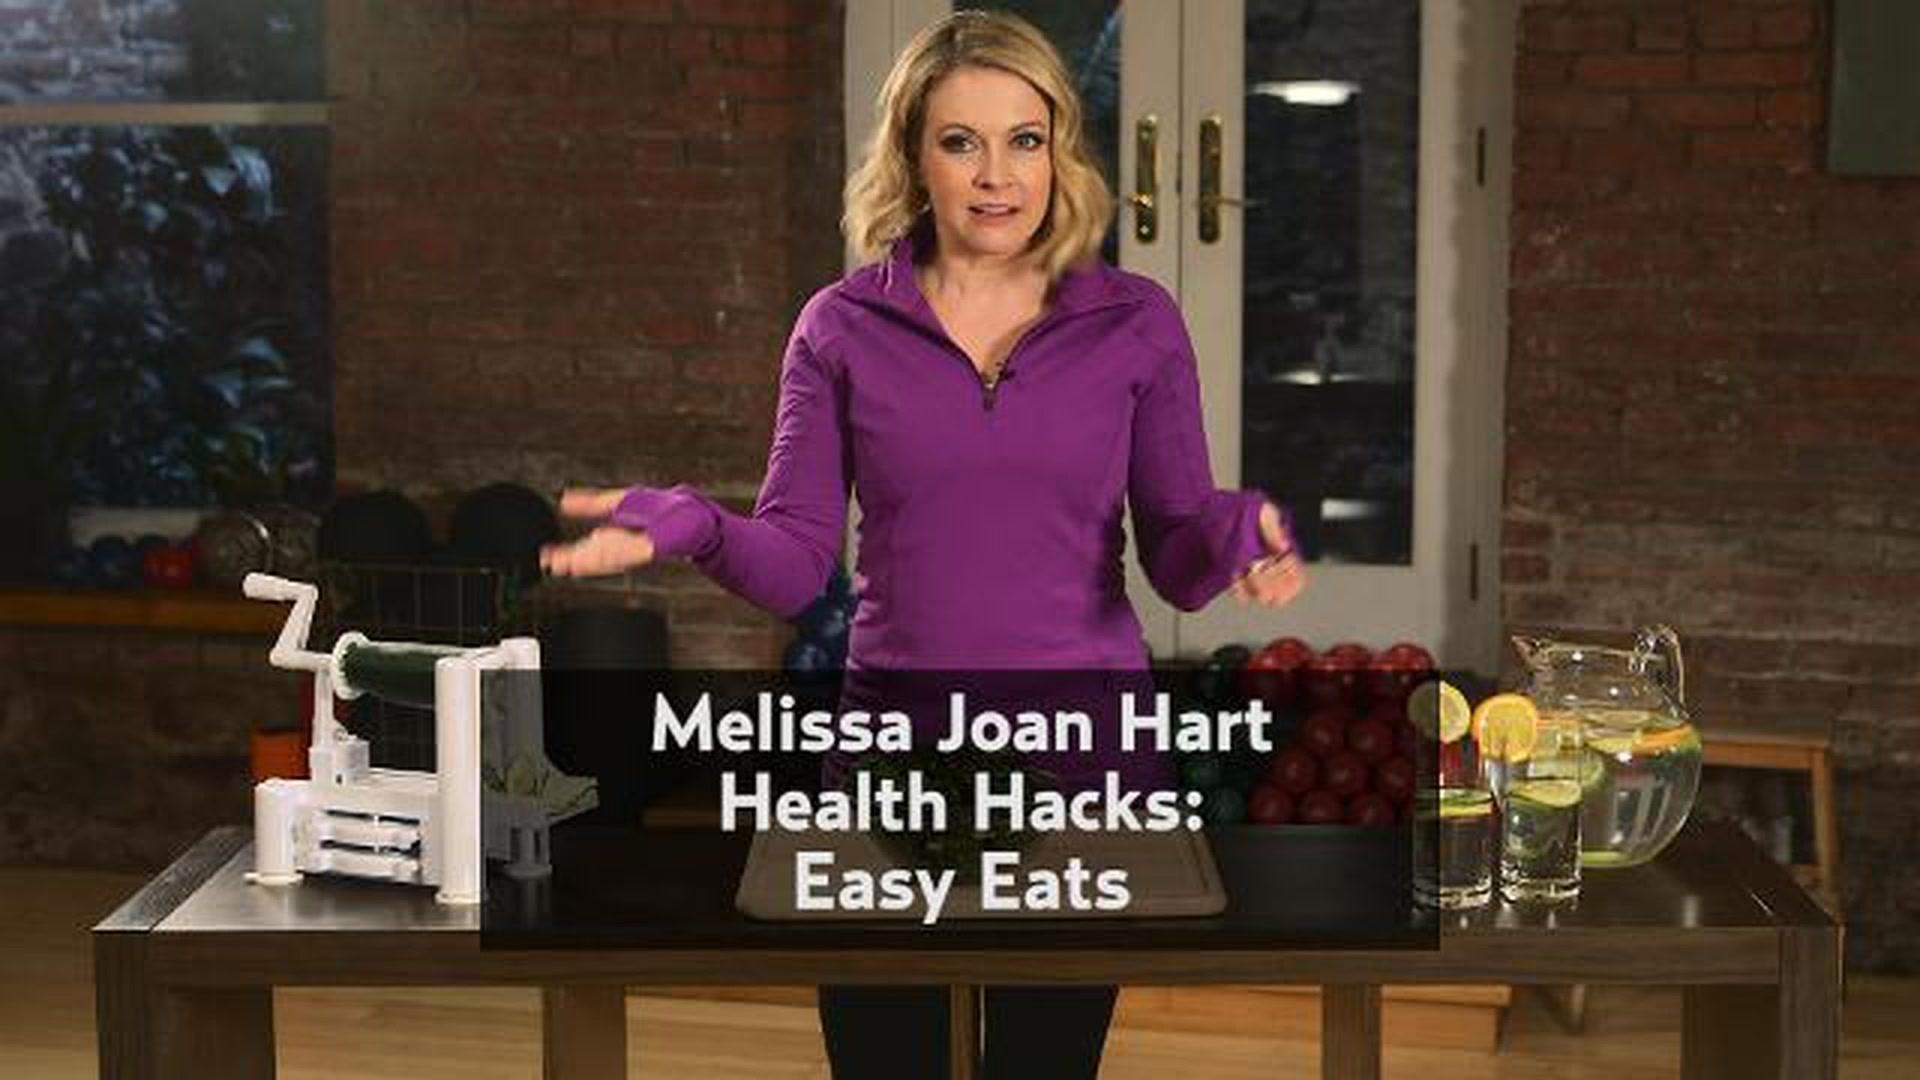 Melissa Joan Hart Health Hacks - Easy Eats